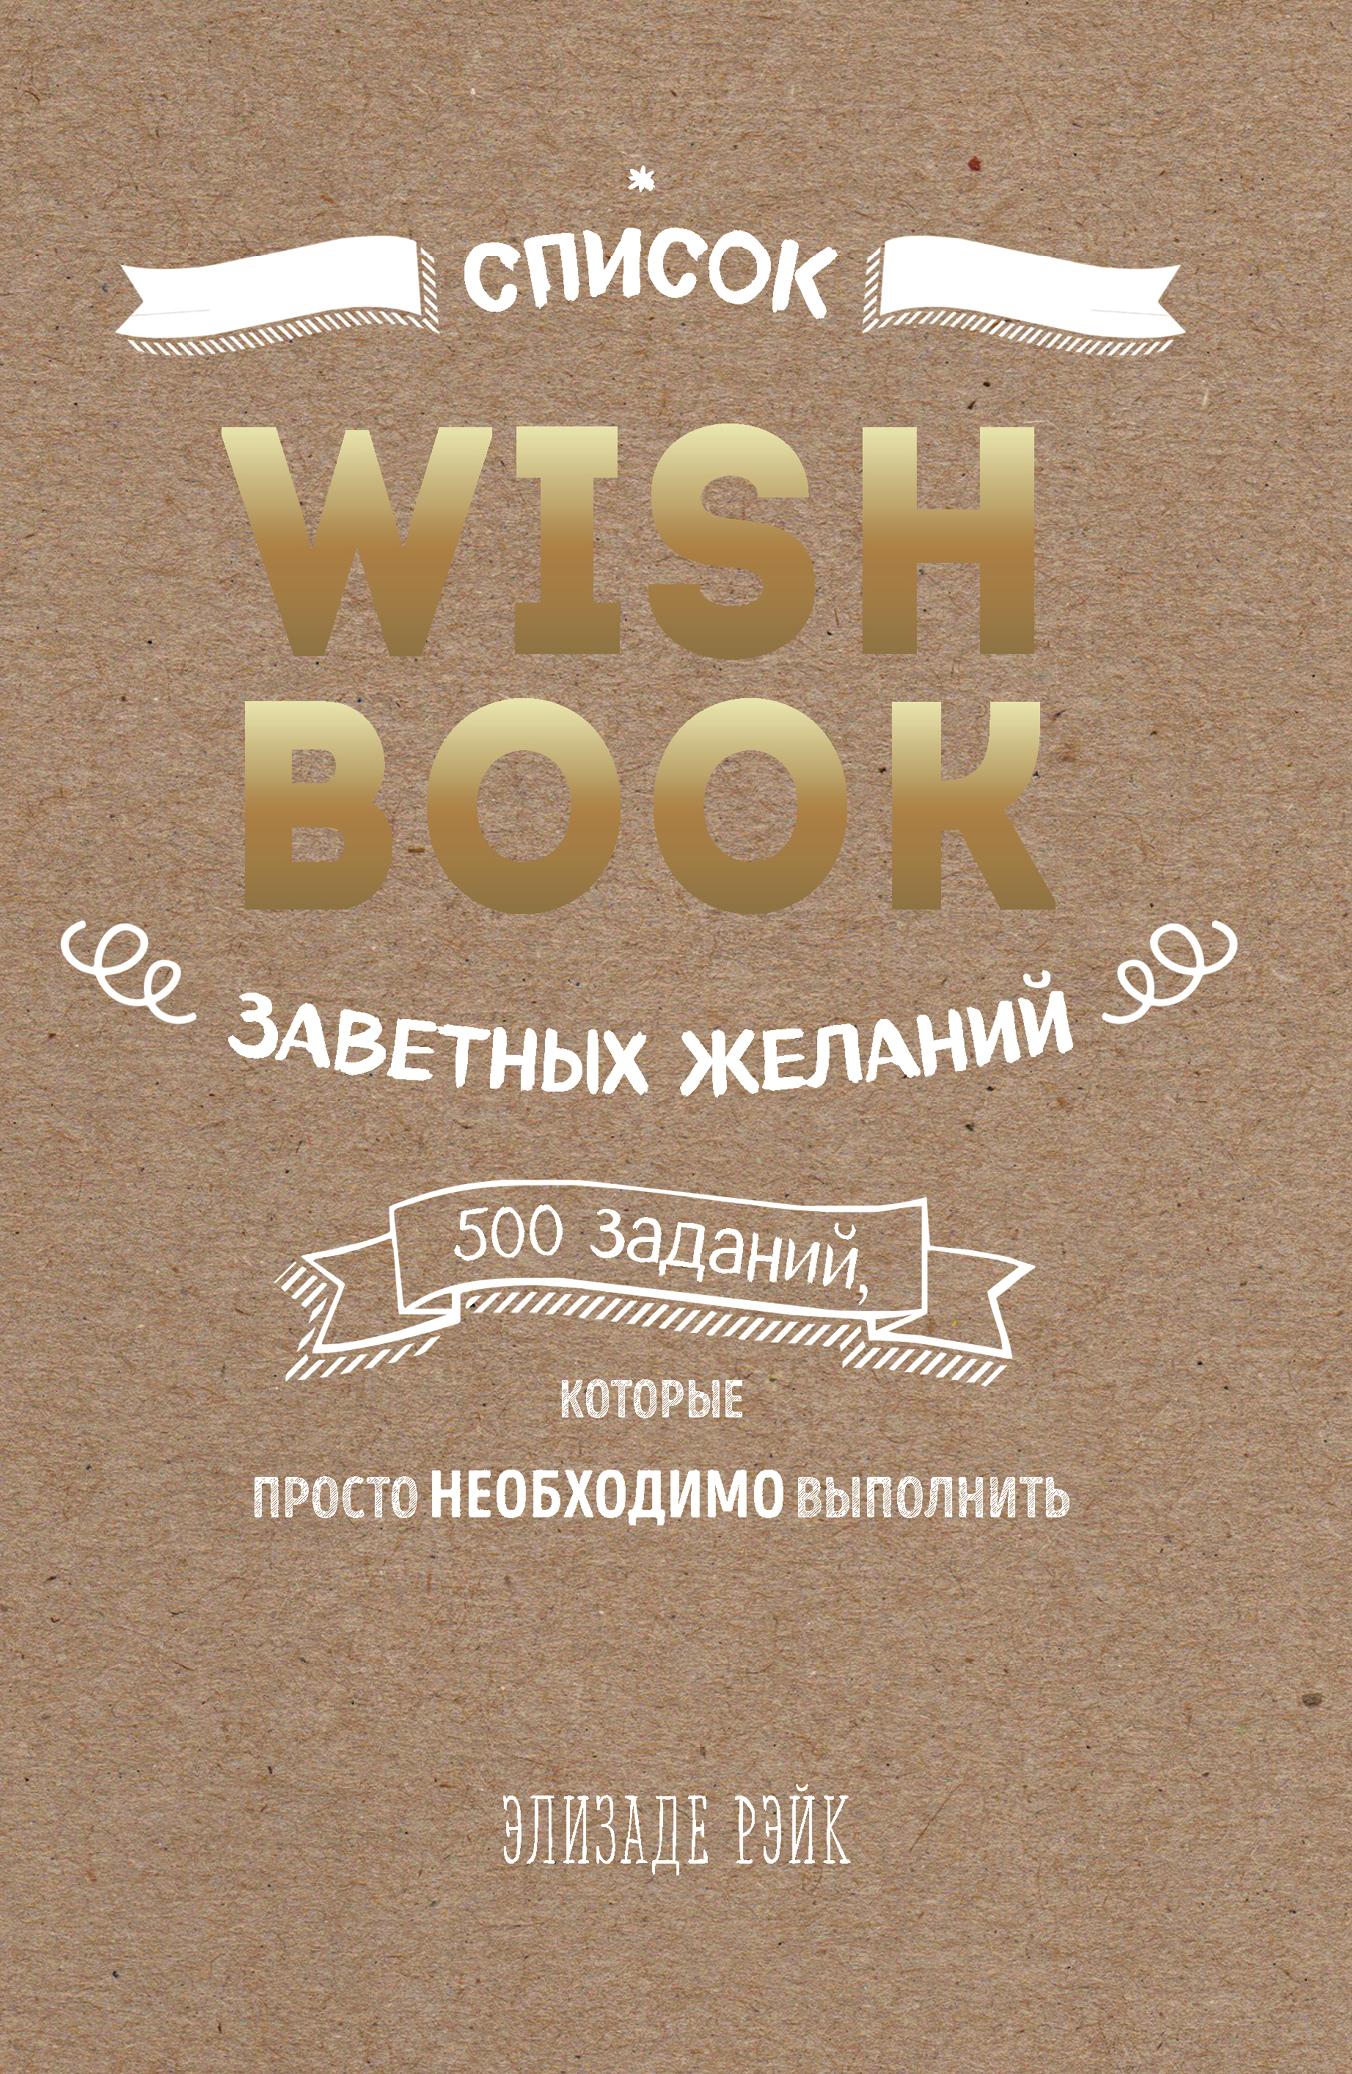 Элизаде Рэйк Wish Book. Заветные желания, которые могут исполниться сергеева п welcom to жизнь о которой вы всегда мечтали